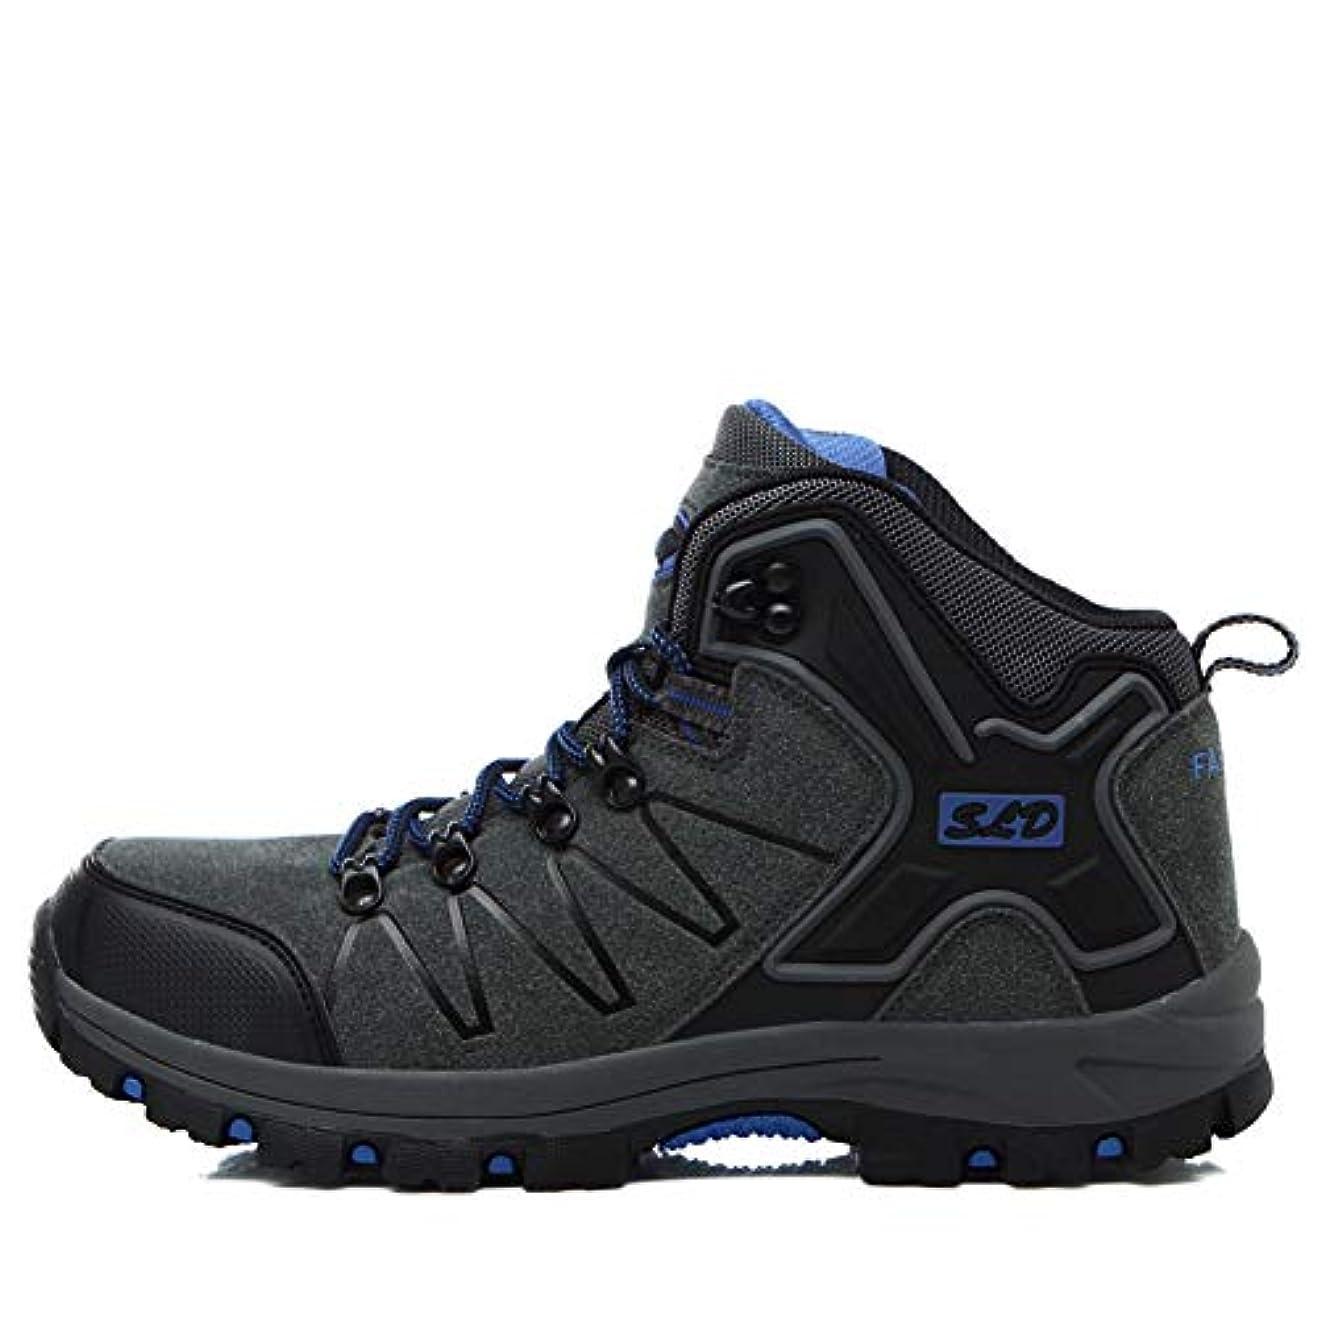 ポータルホイップかわいらしい[TcIFE] トレッキングシューズ メンズ 防水 防滑 ハイカット 登山靴 大きいサイズ ハイキングシューズ メンズ 耐磨耗 ハイキングシューズ メンズ 通気性 スニーカー